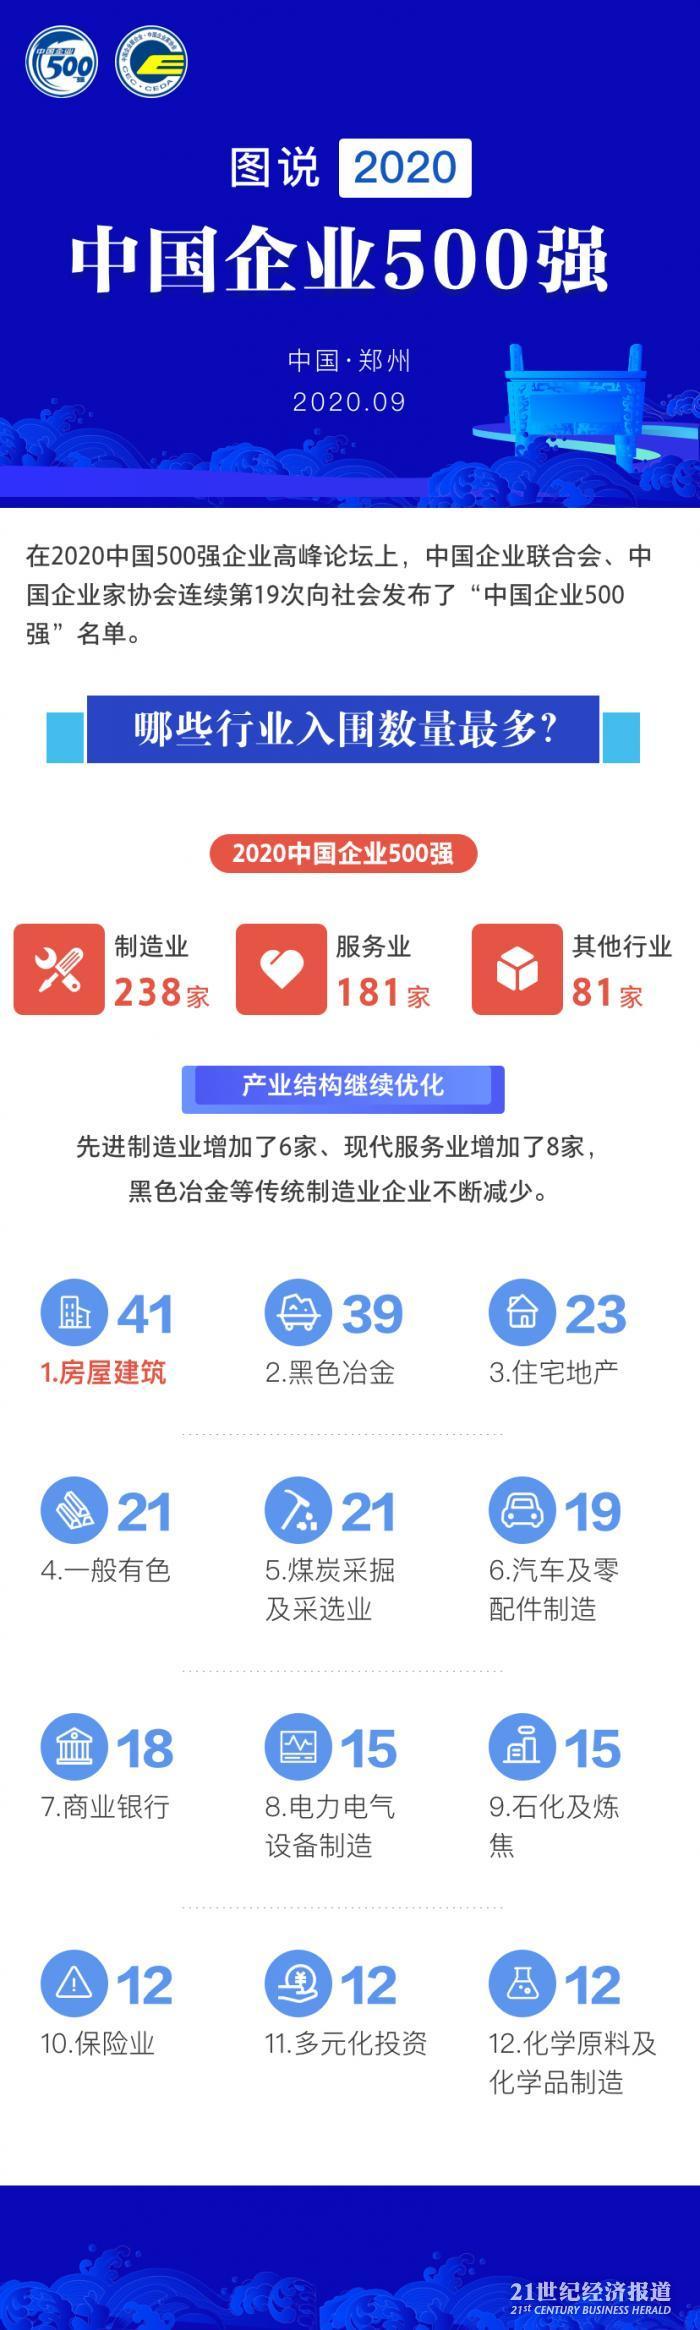 图解中企500强分布:京粤鲁数量最多,黑色冶金占比下降,这些企业最赚钱